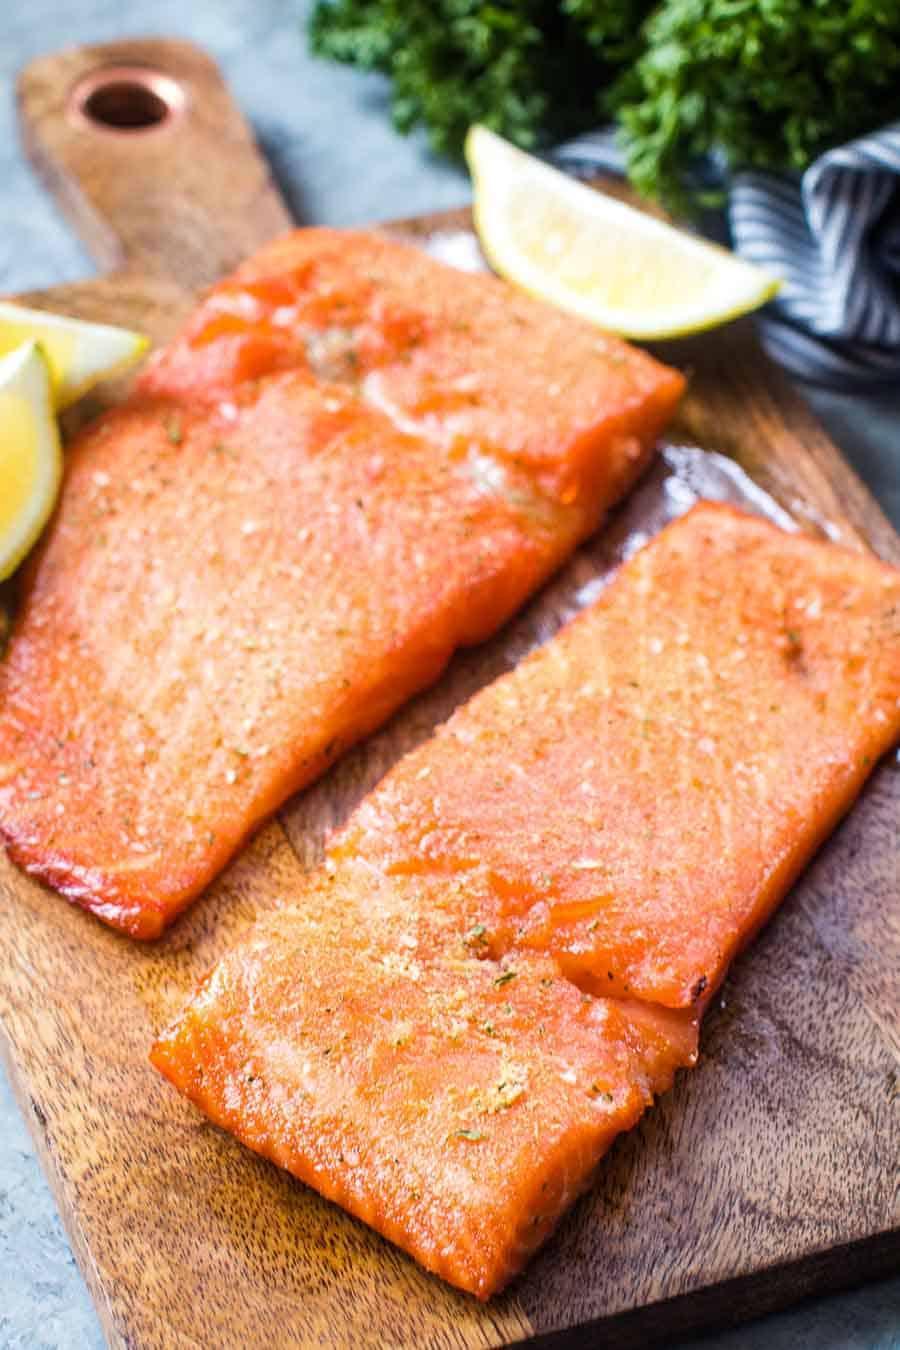 Smoked salmon on cutting board